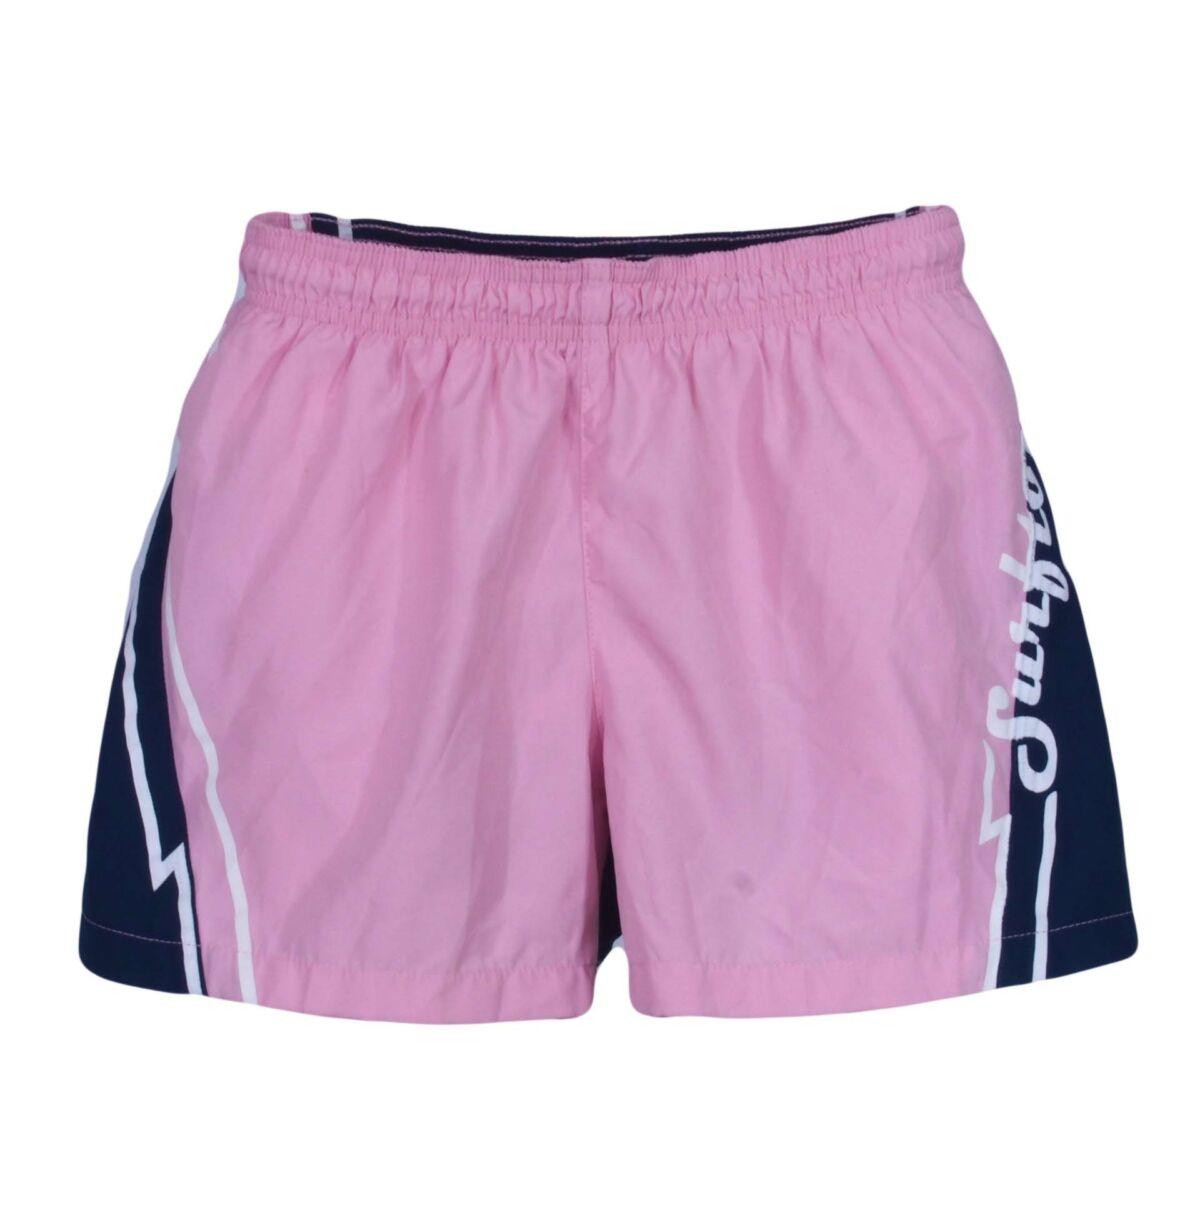 Fürdőruha   UV-ruha - Kedvenc Gyerekruha Webshop db95a9e03e